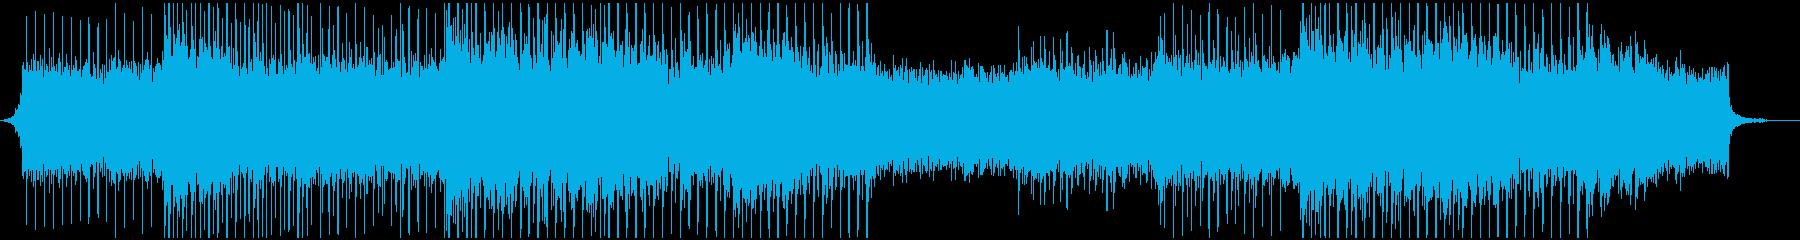 企業VP等で ピアノメロで爽やかなBgmの再生済みの波形